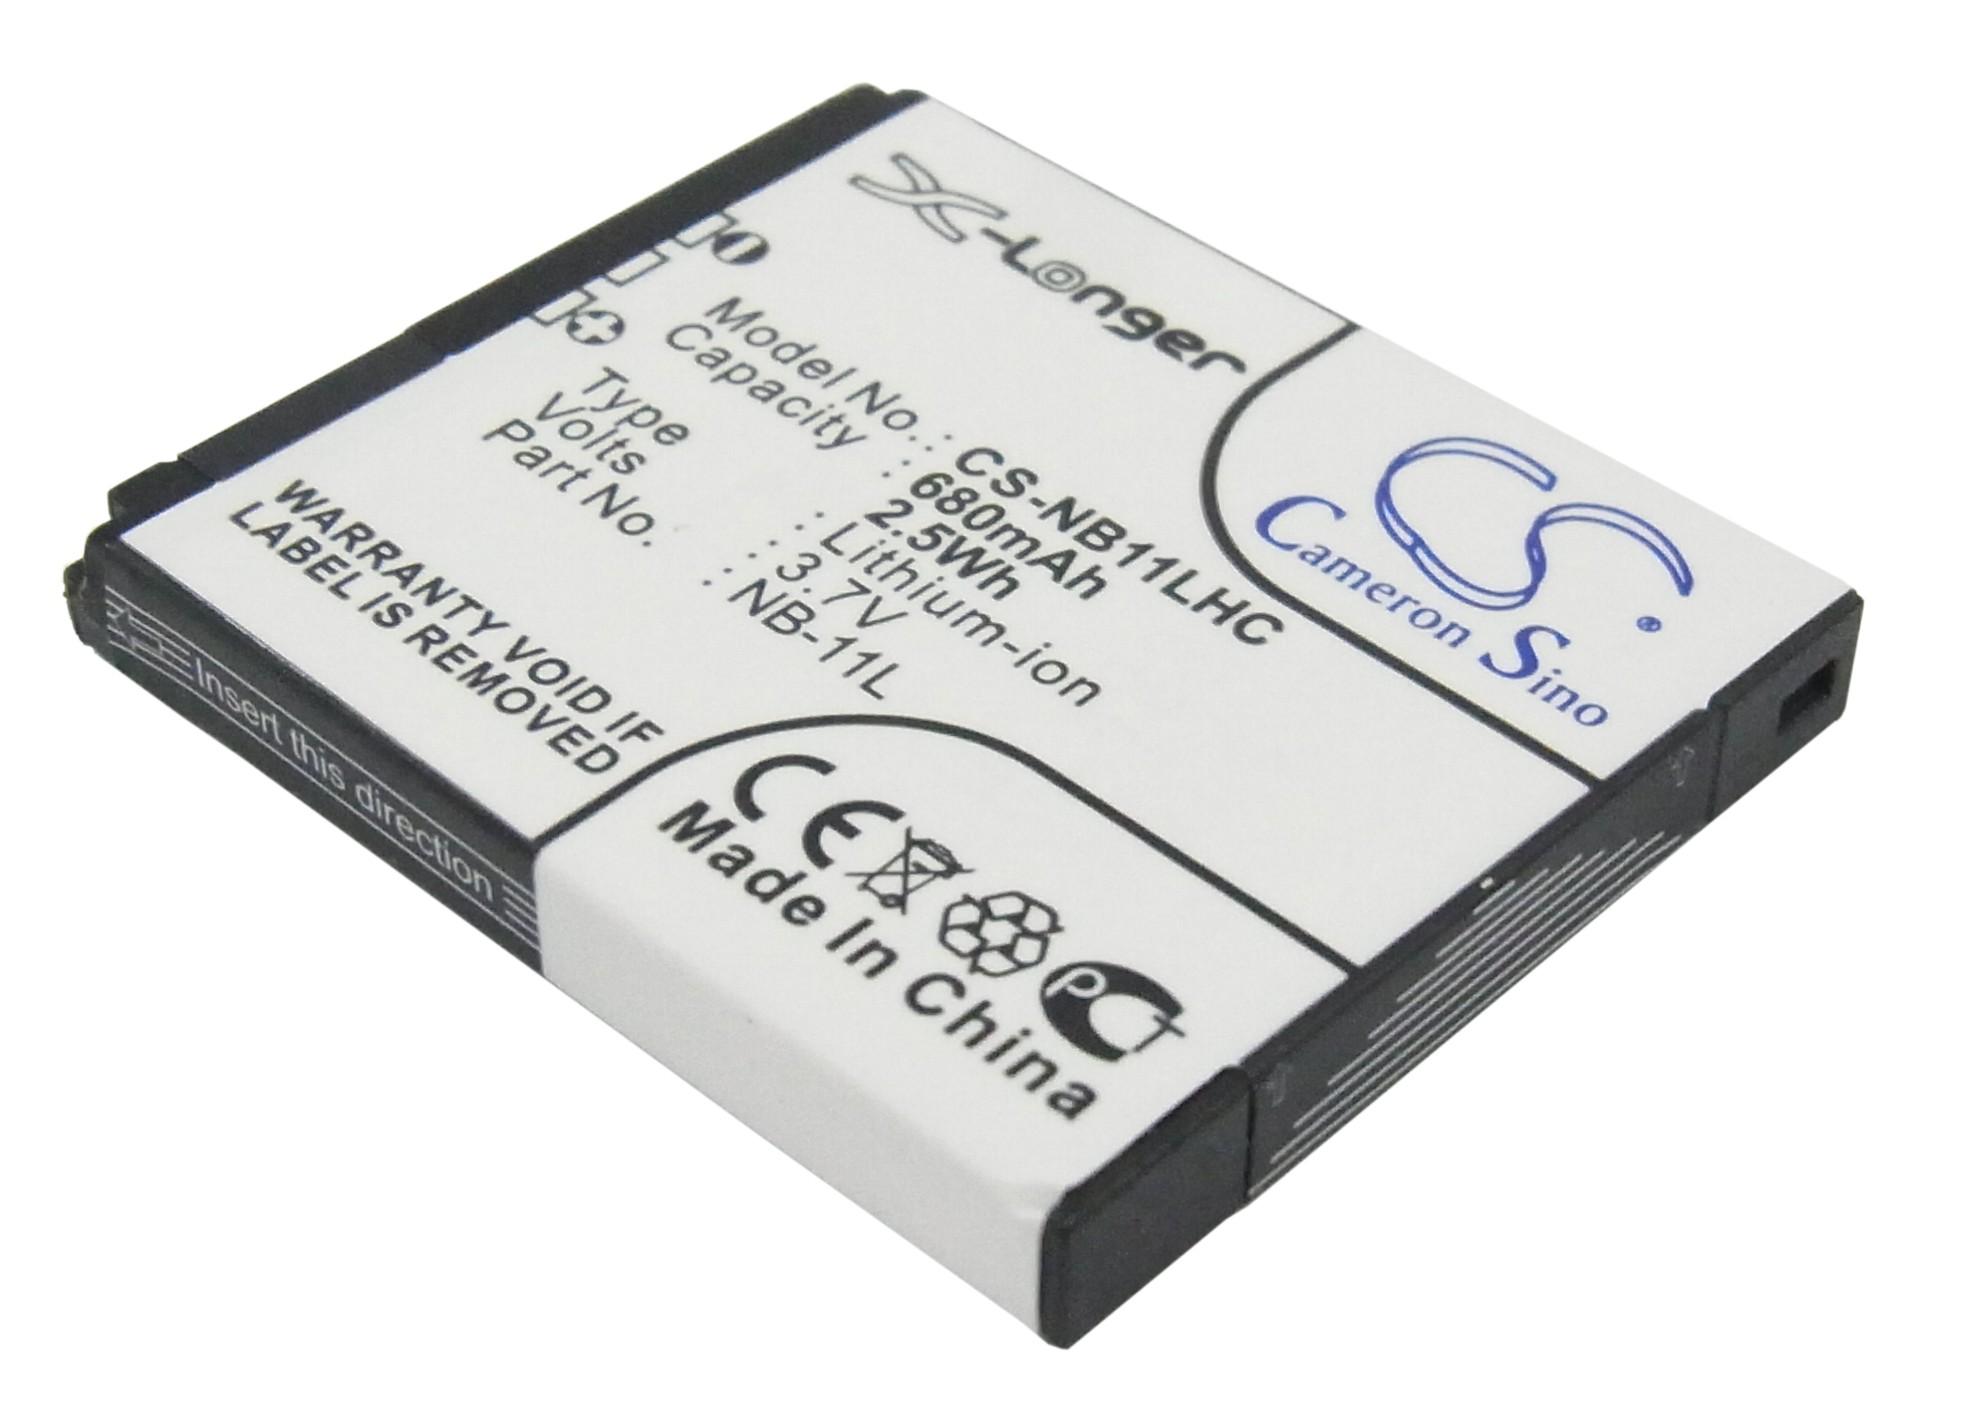 Cameron Sino baterie do kamer a fotoaparátů pro CANON PowerShot ELPH 130 IS 3.7V Li-ion 680mAh černá - neoriginální